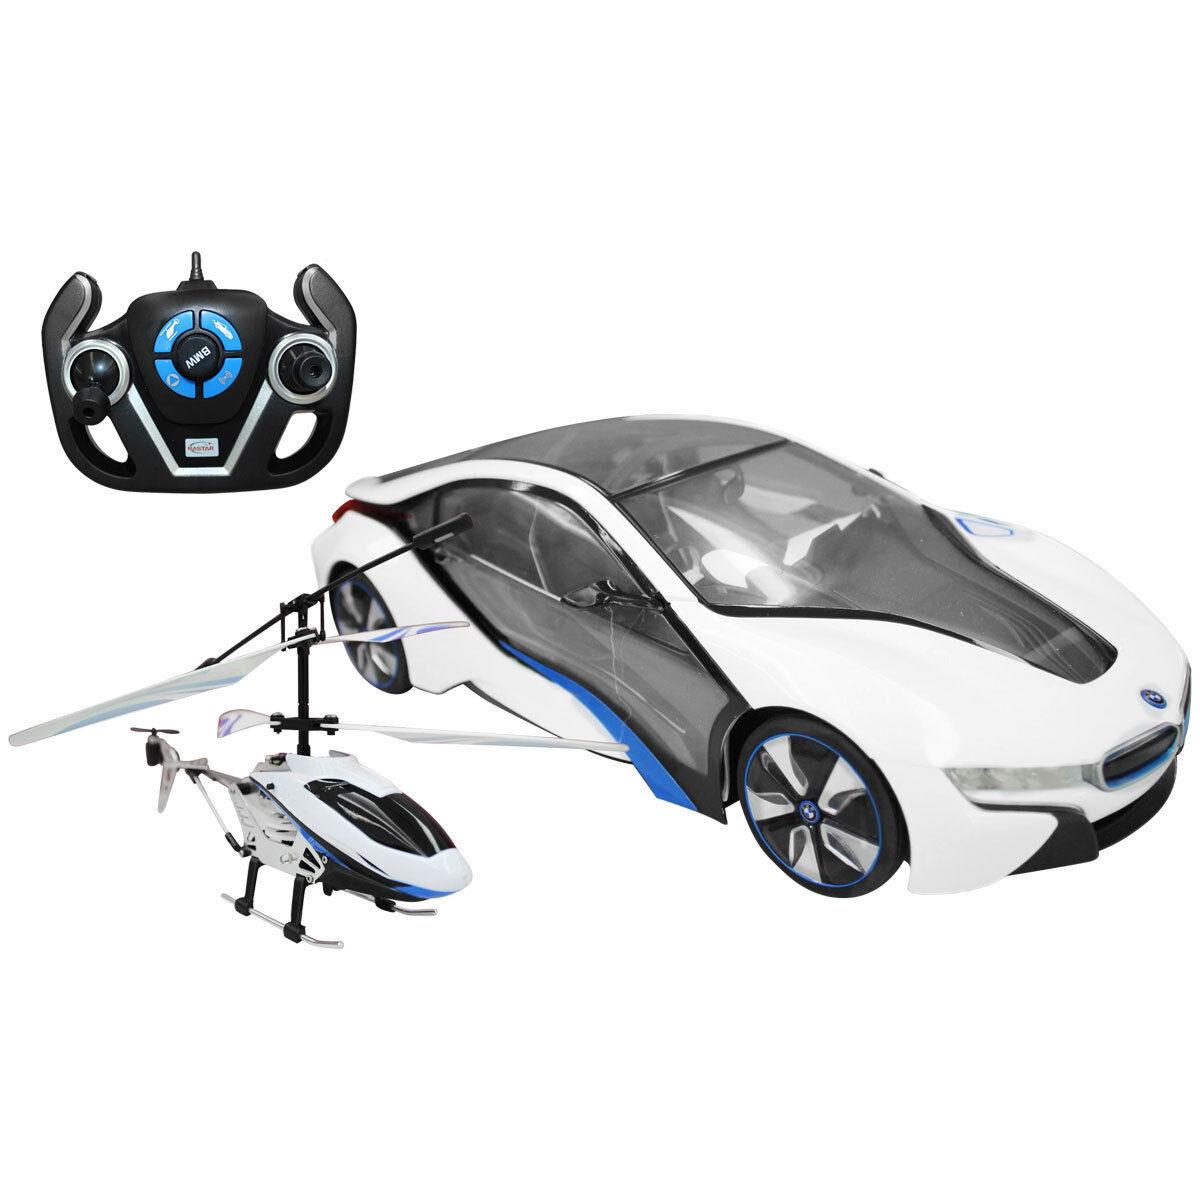 Bentley Kids - BMW i8 - Spielzeugauto Maßstab 1:14 & Helikopter - Ferngesteuert